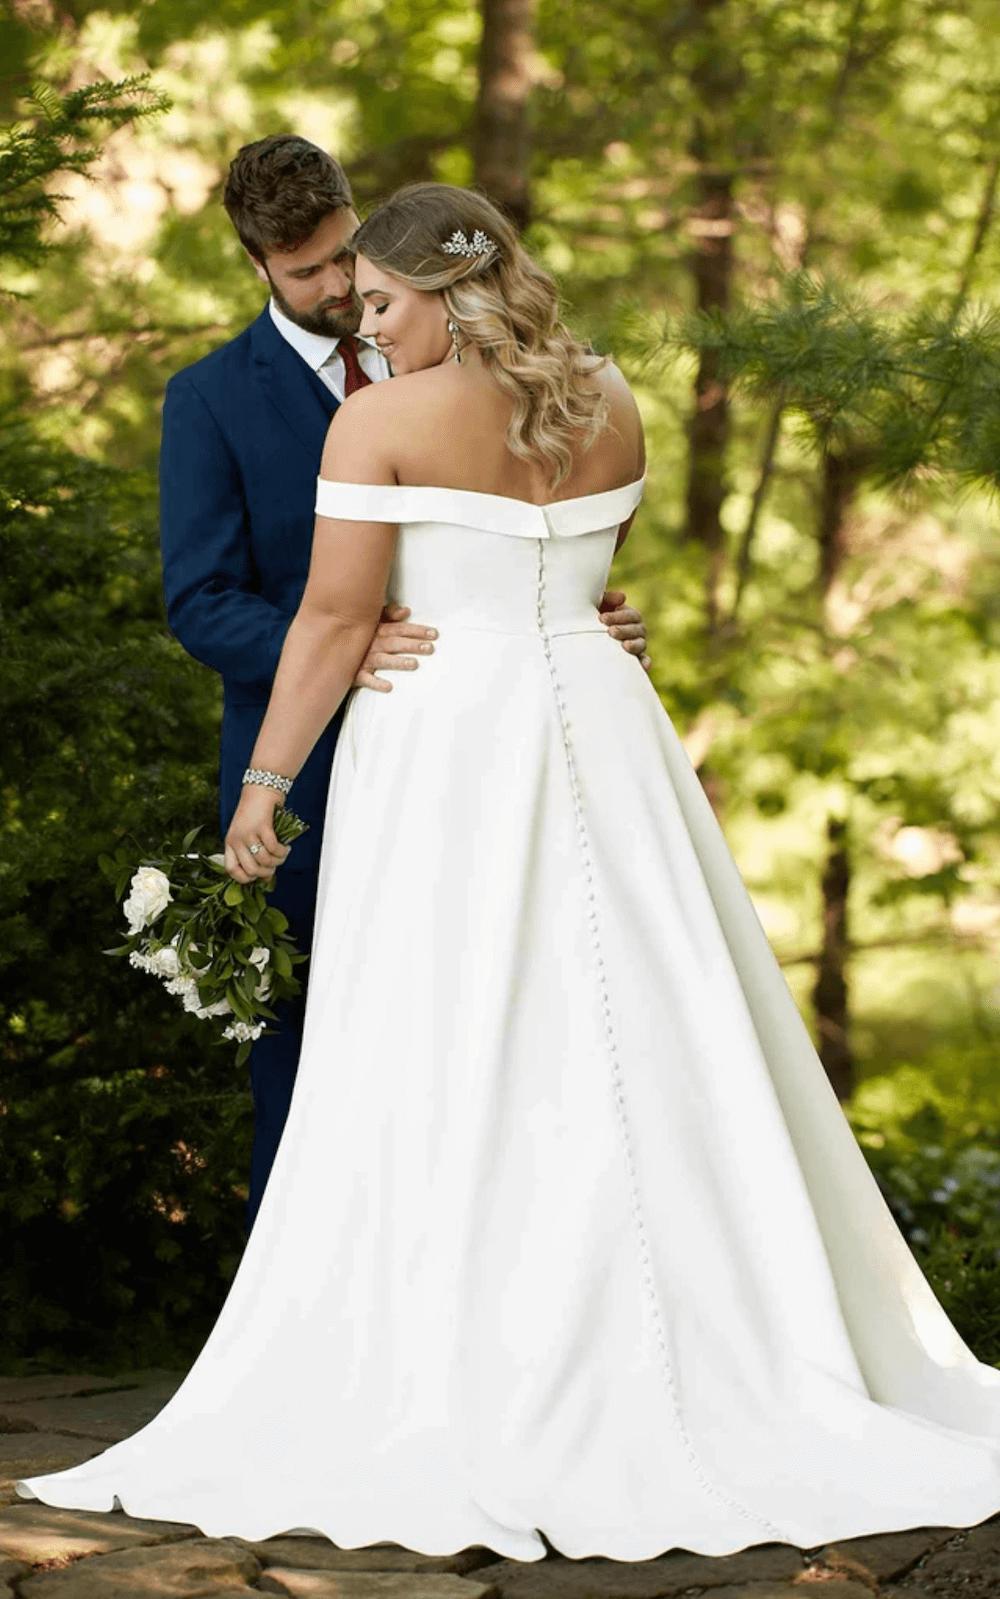 Designer Wedding Dresses Off the Shoulder Essense of Australia D2761 Bridal Gown 2